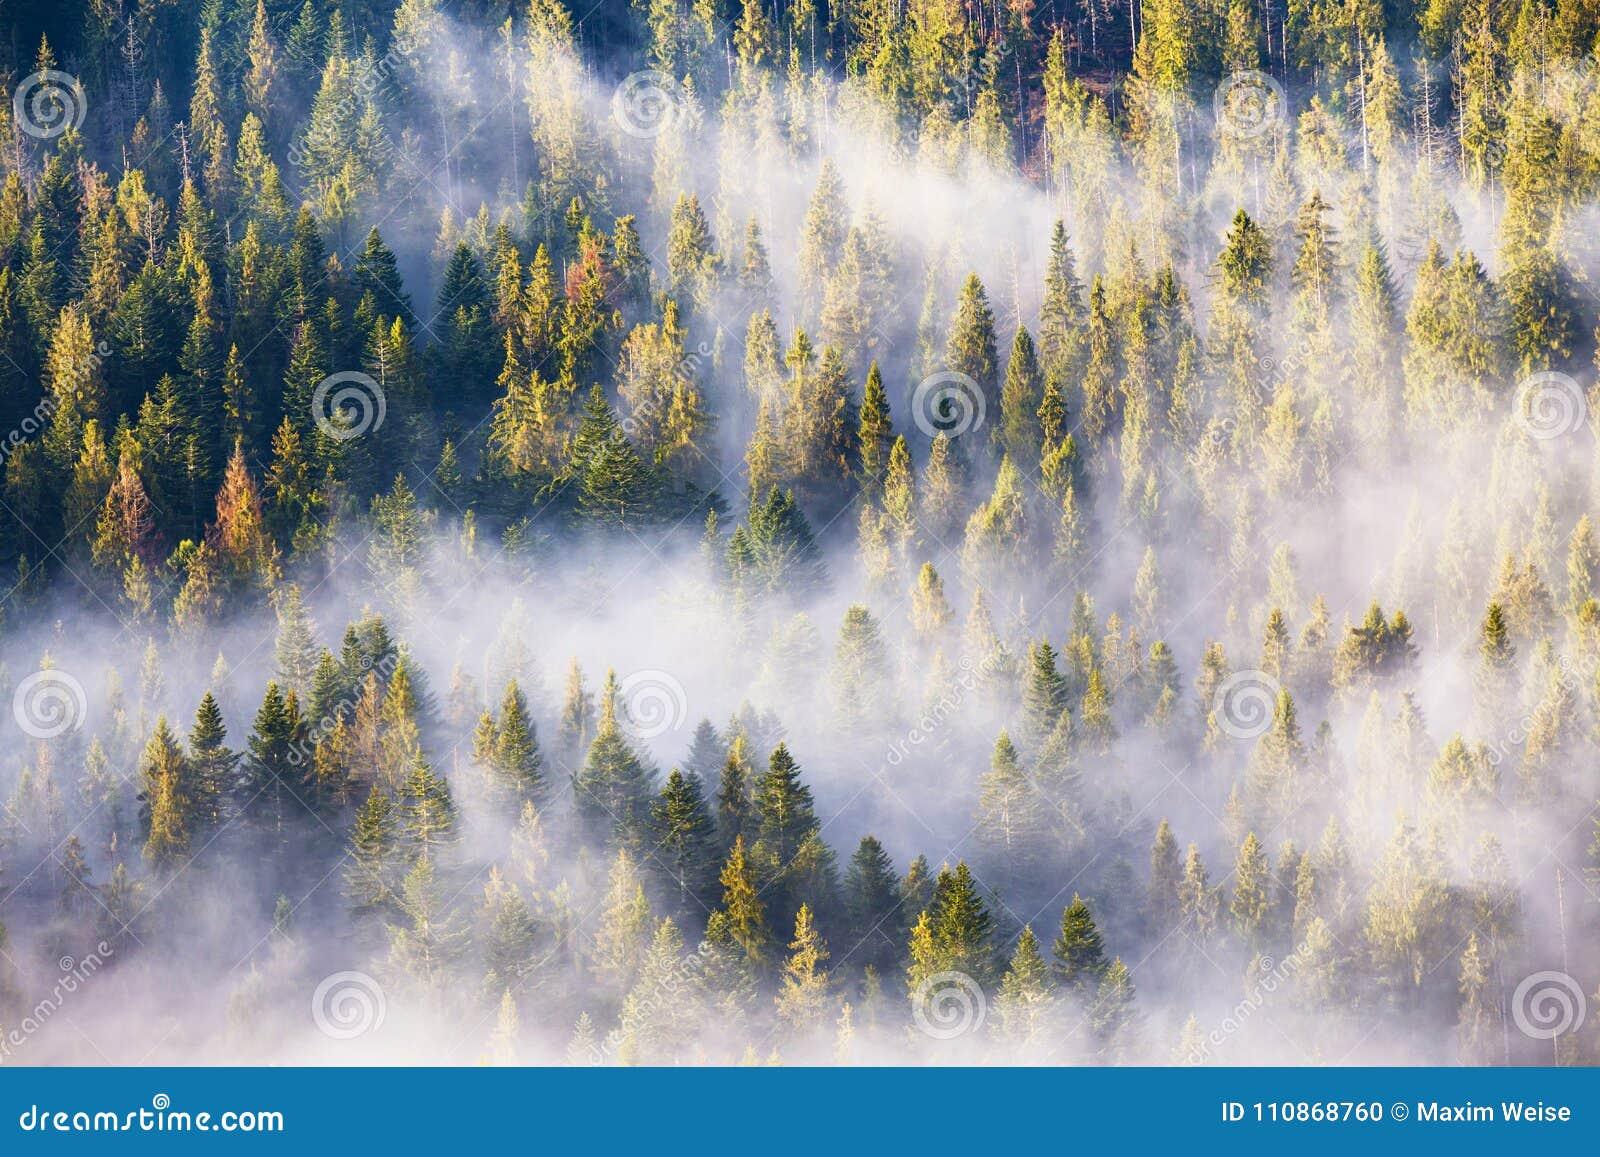 Morgennebel im Fichten- und Tannenwald im warmen Sonnenlicht